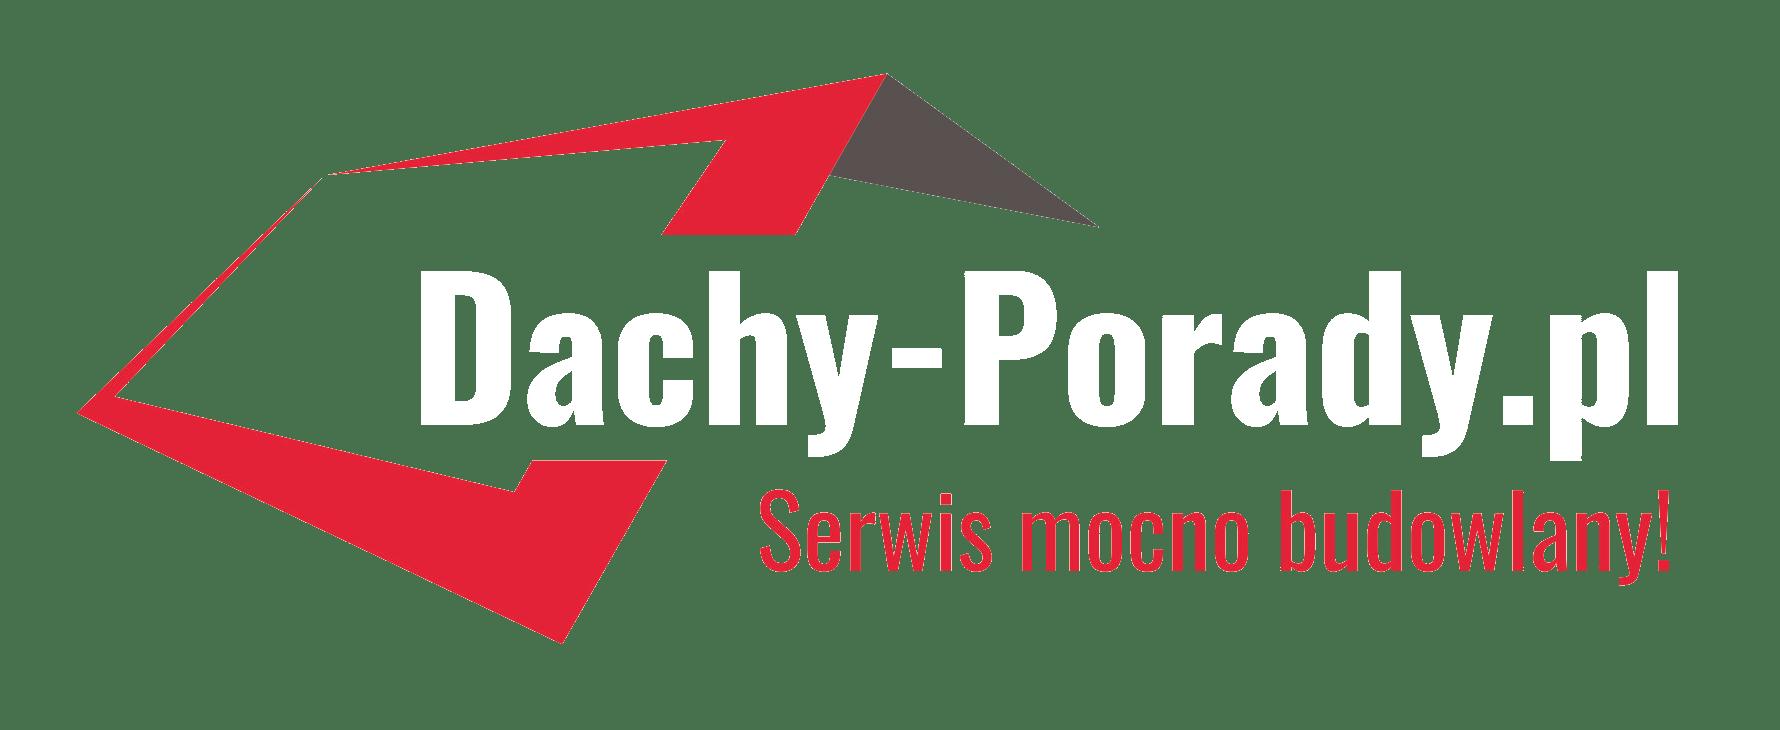 dachy-porady-white